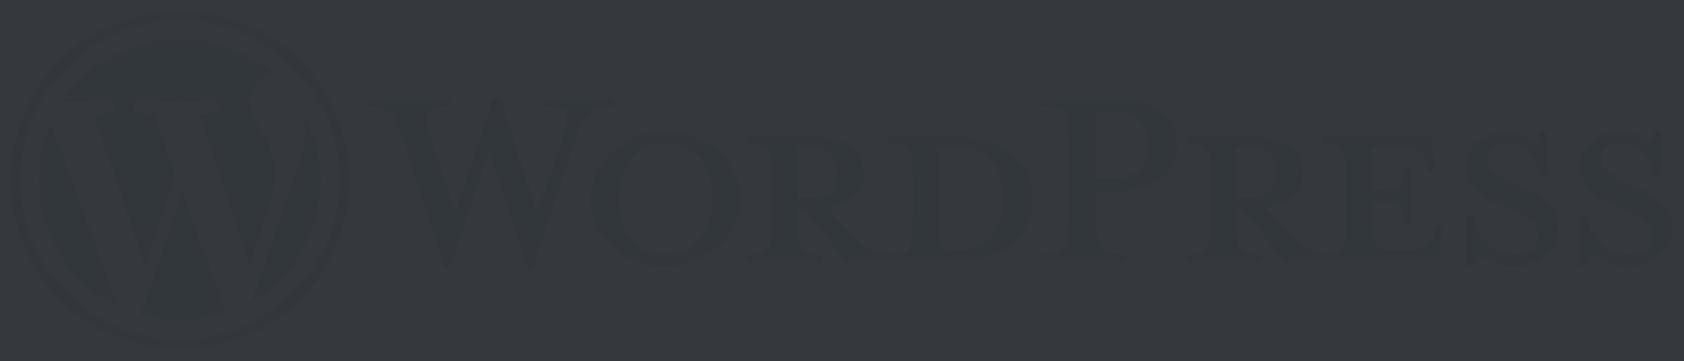 sample-logo-wordpress.png